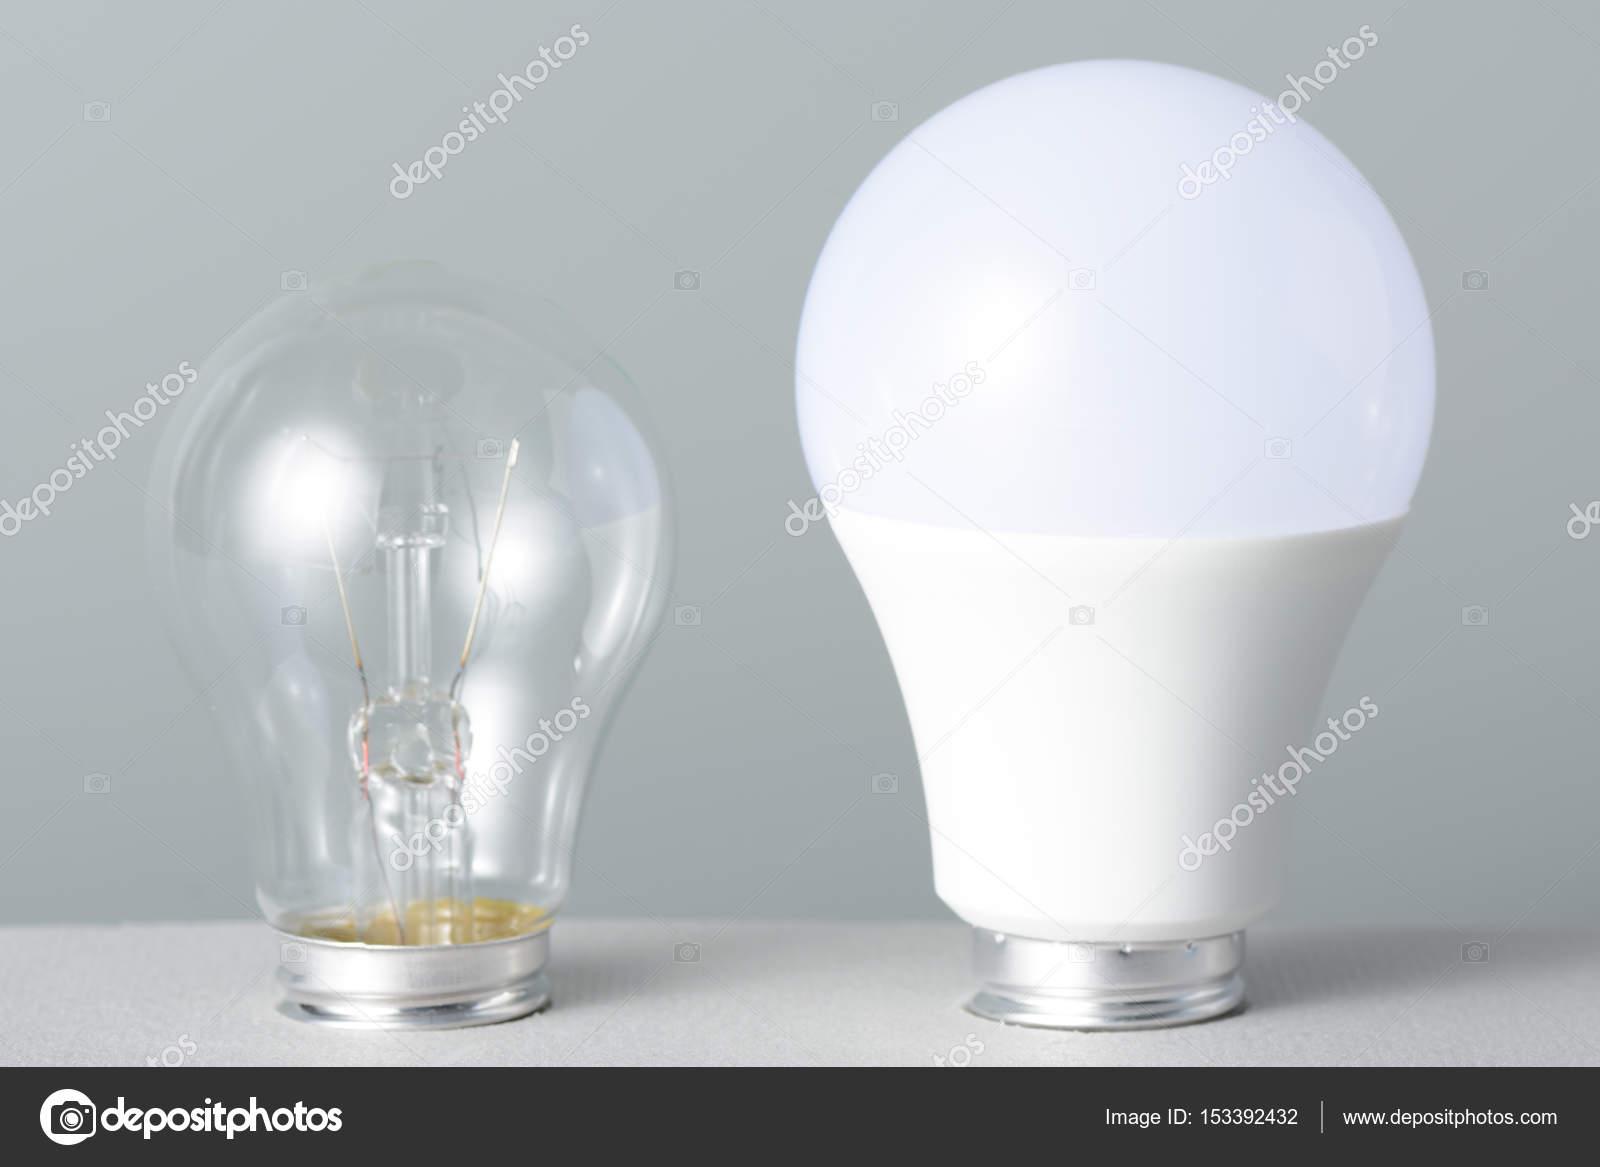 Lampada led e incandescenza u2014 foto stock © ramif #153392432